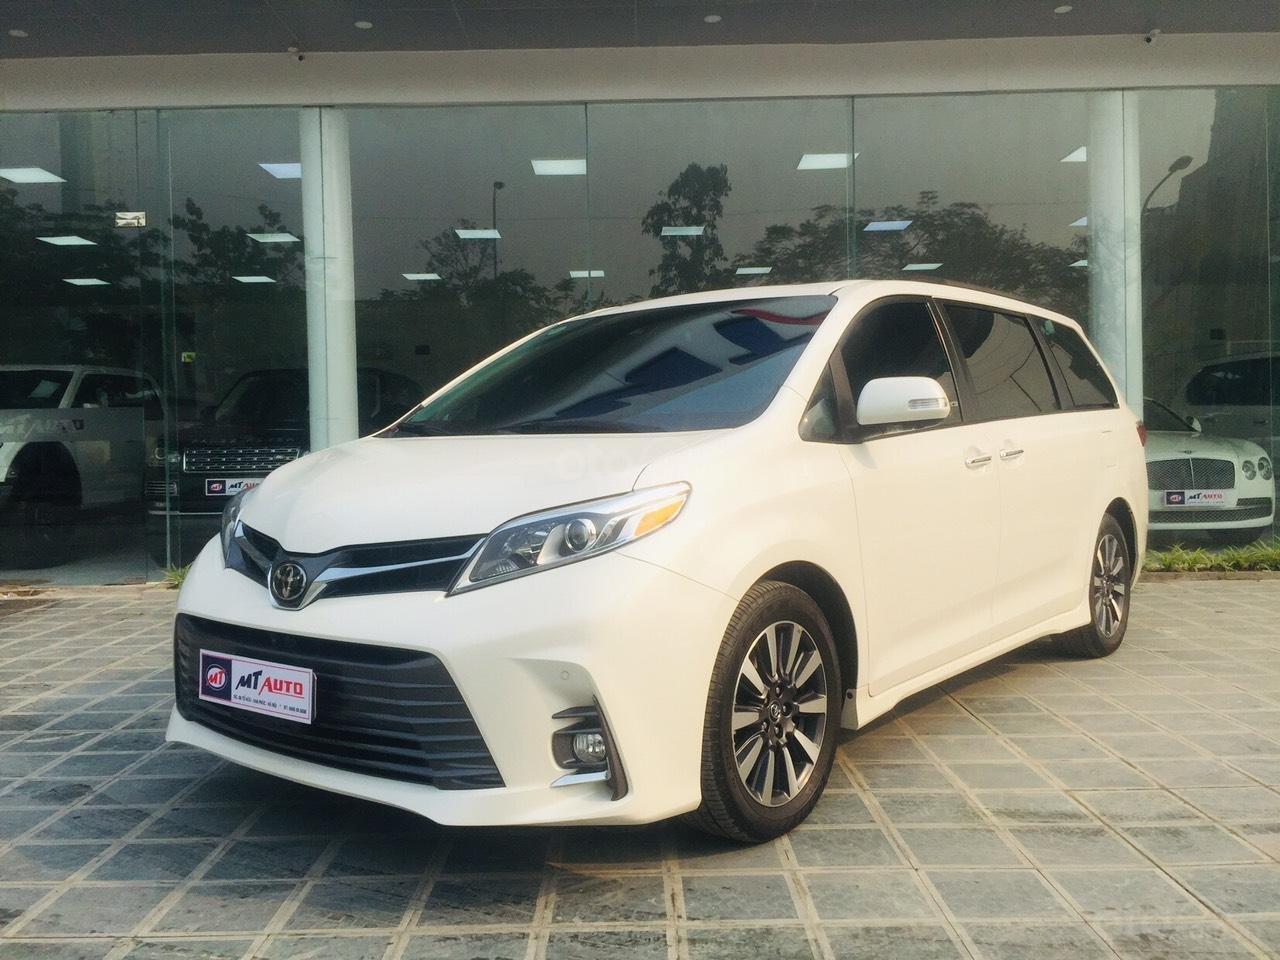 Bán Toyota Sienna Limited 2020 1 cầu, LH Ms Ngọc Vy giá tốt, giao ngay toàn quốc (3)